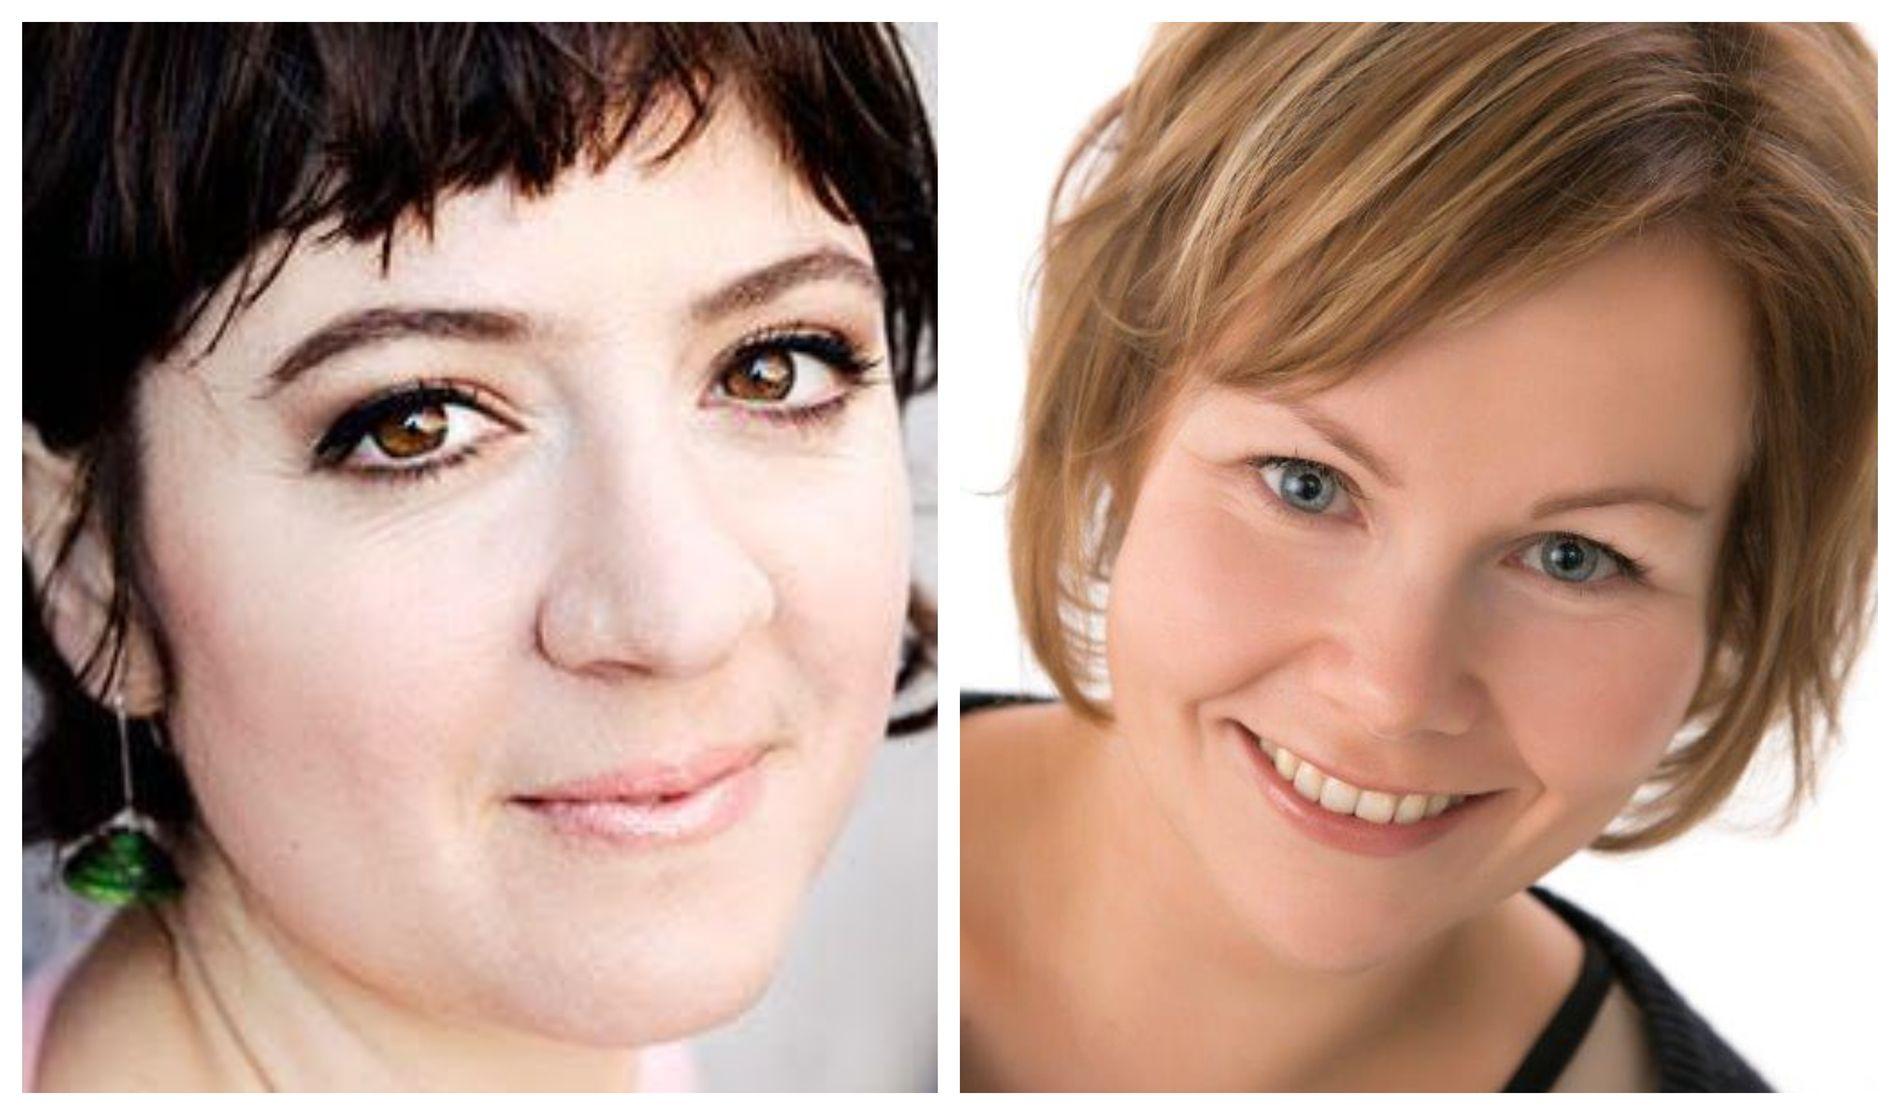 UENIGE: VG-skribentene Lorelou Desjardins og Sanna Sarromaa har helt forskjellige syn på temaet massesorg.